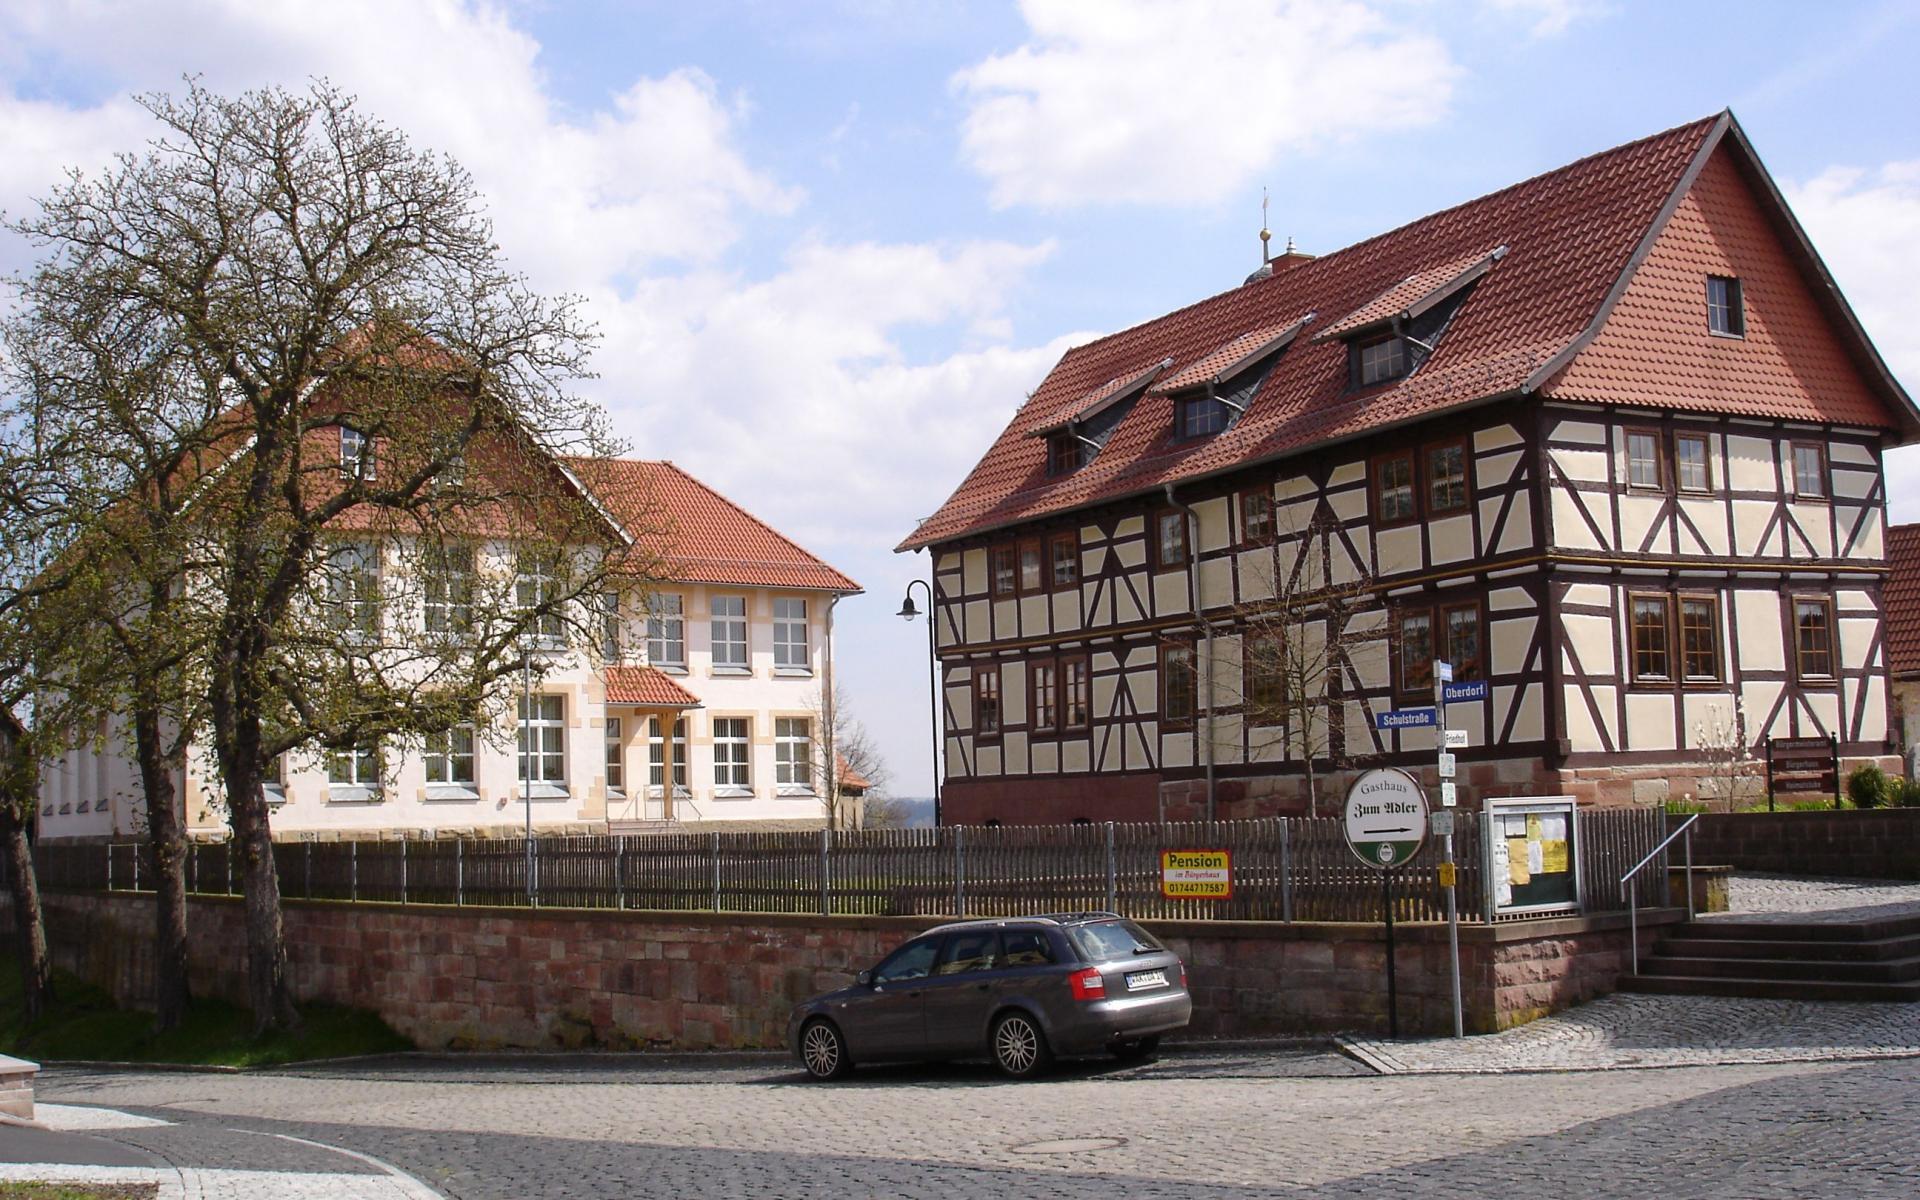 Schulhof Stadtteil Dankmarshausen